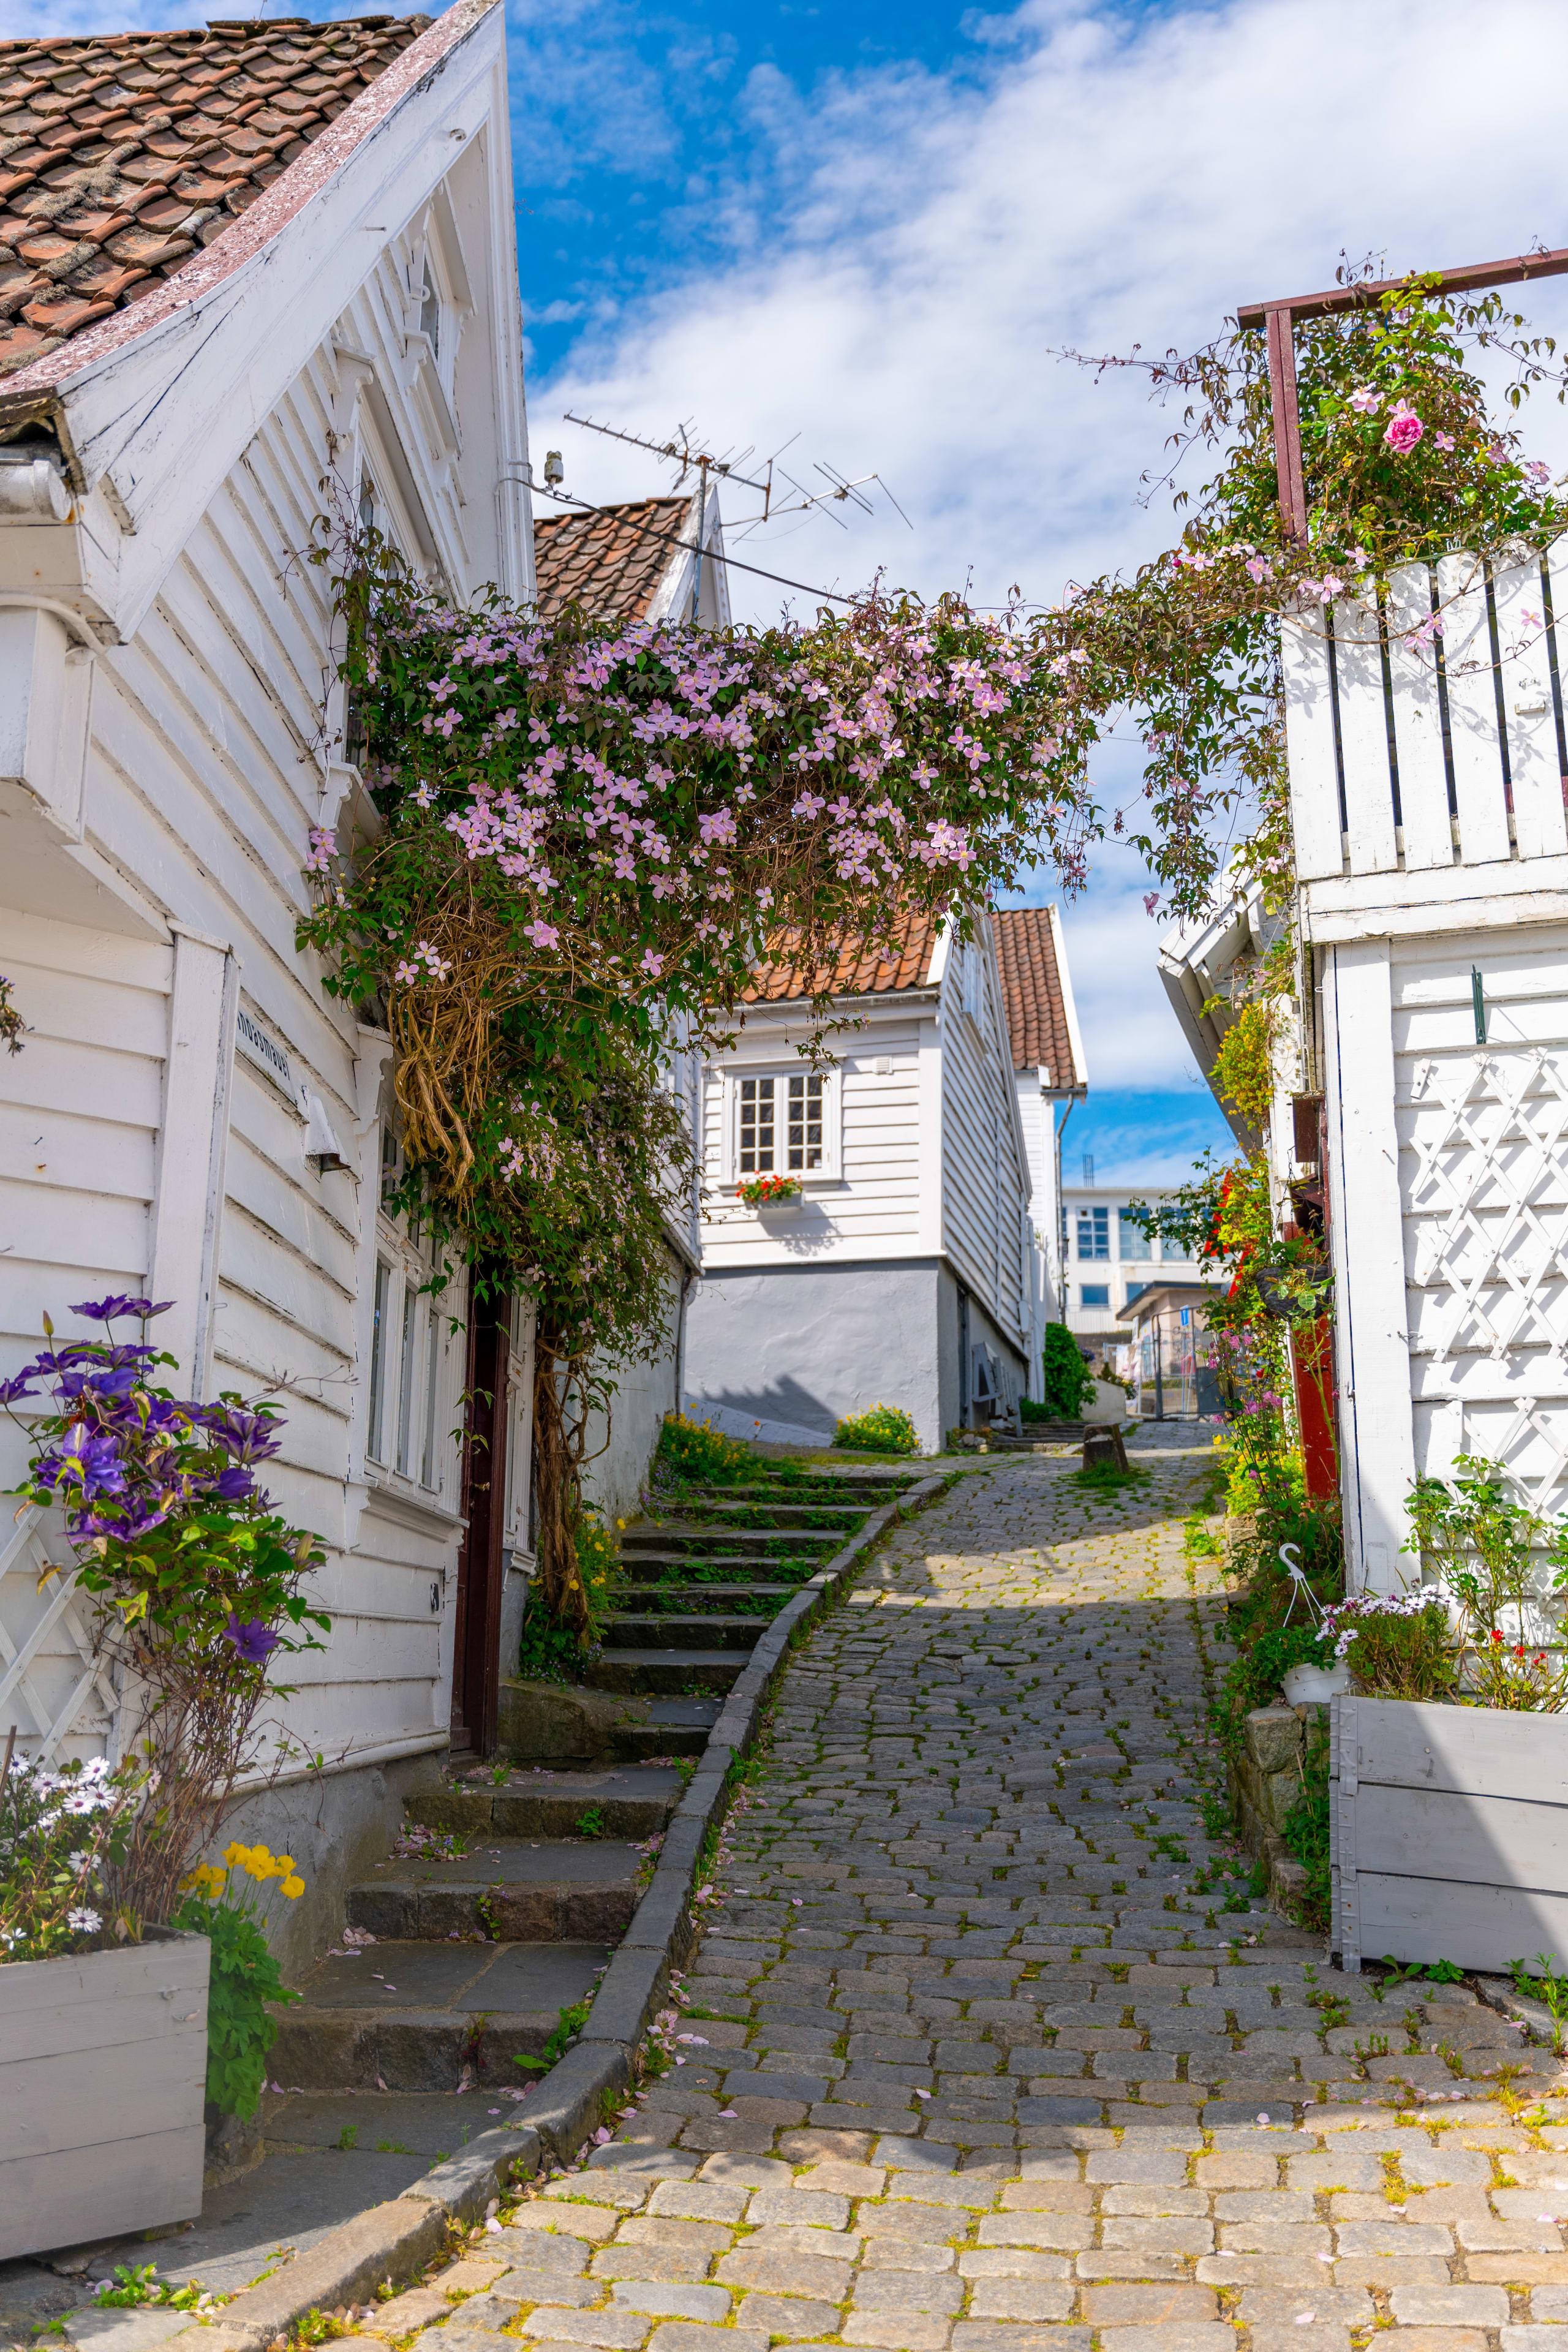 Flower gate in Old Stavanger